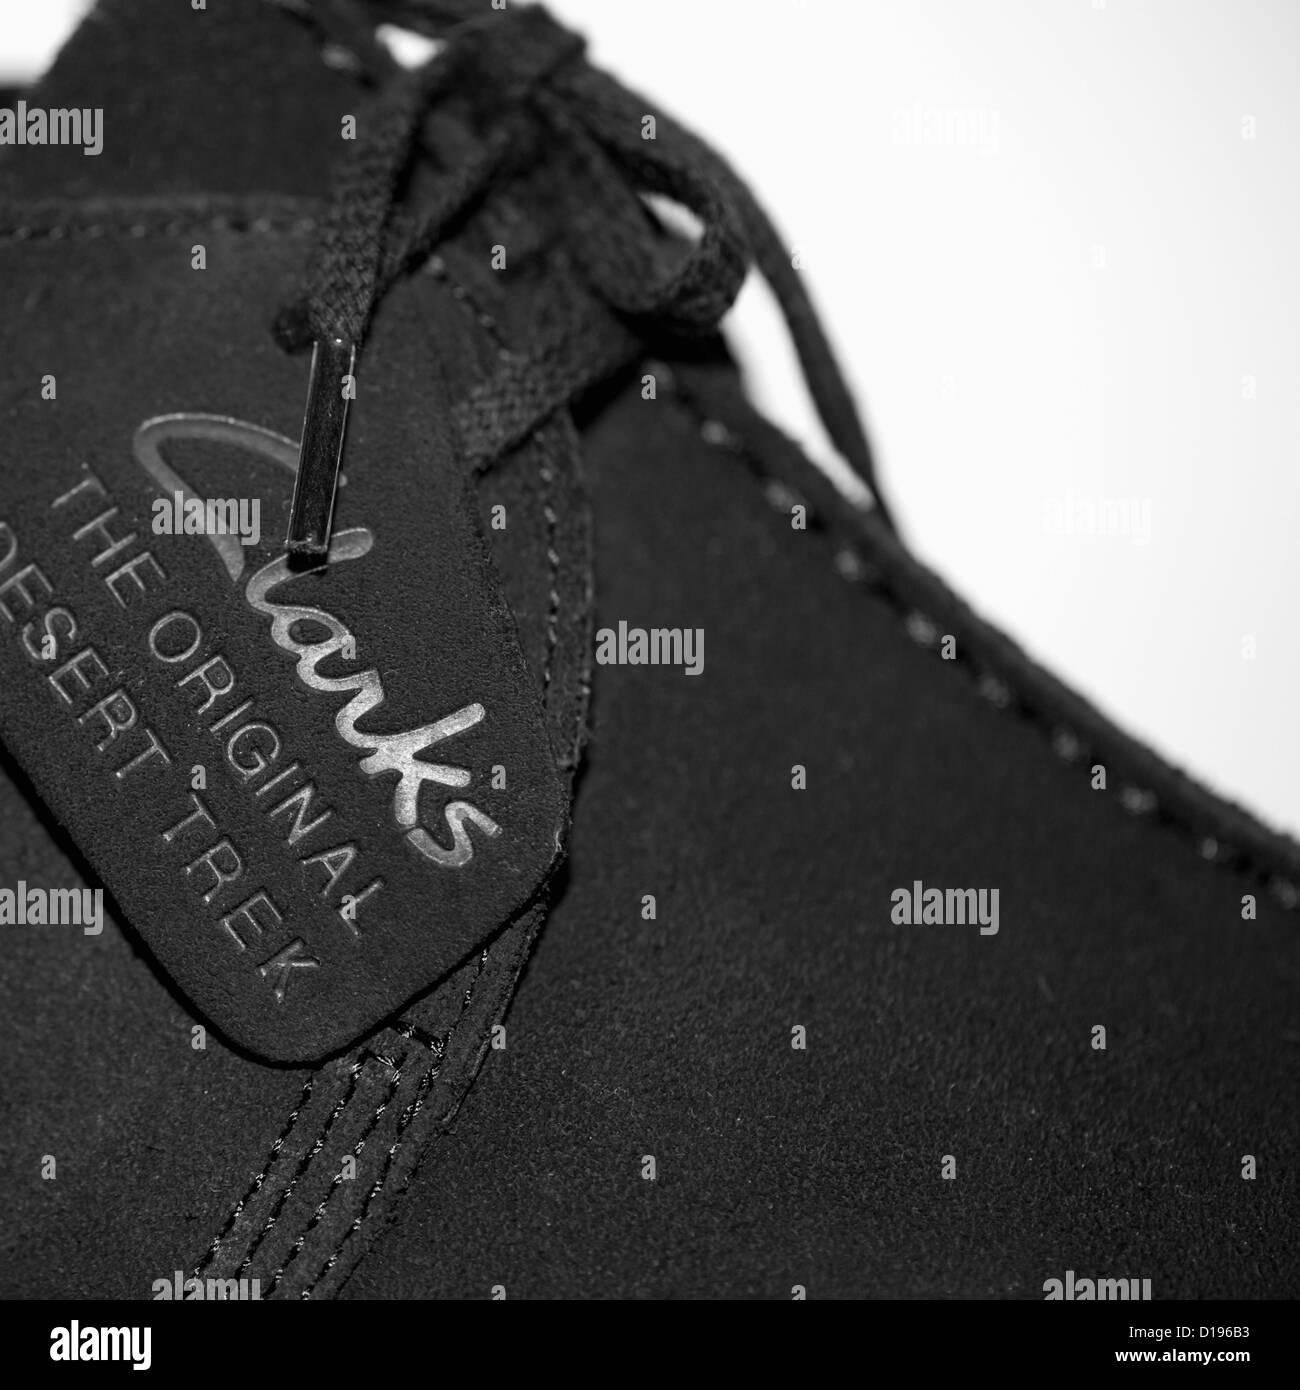 Nahaufnahme von einem schwarzem Veloursleder Clarks Desert Trek Schuh Stockbild